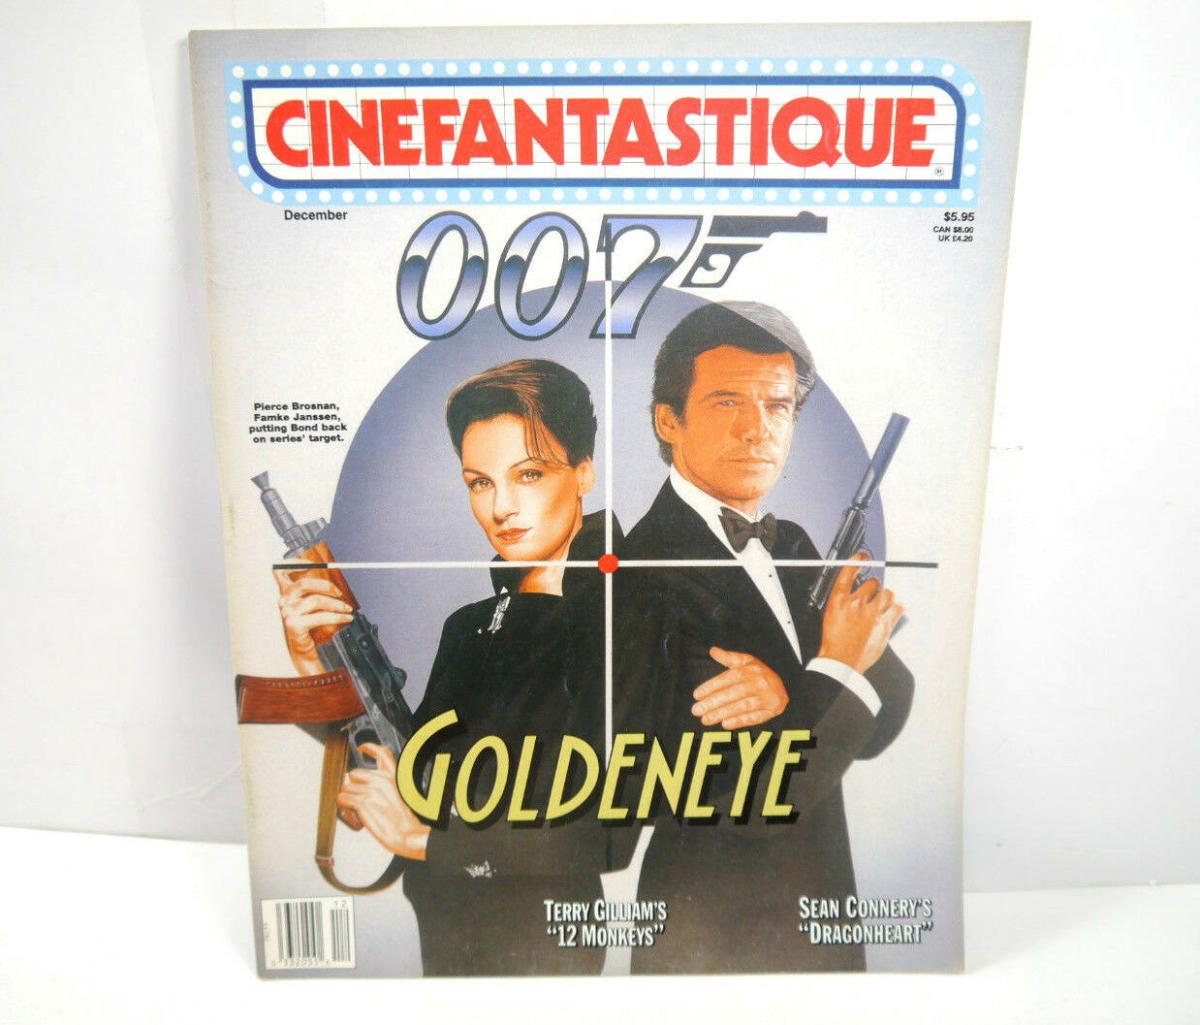 CINEFANTASTIQUE Vol. 27 Nr. 3 Film Magazin Zeitschrift JAMES BOND englisch (WR6) 0